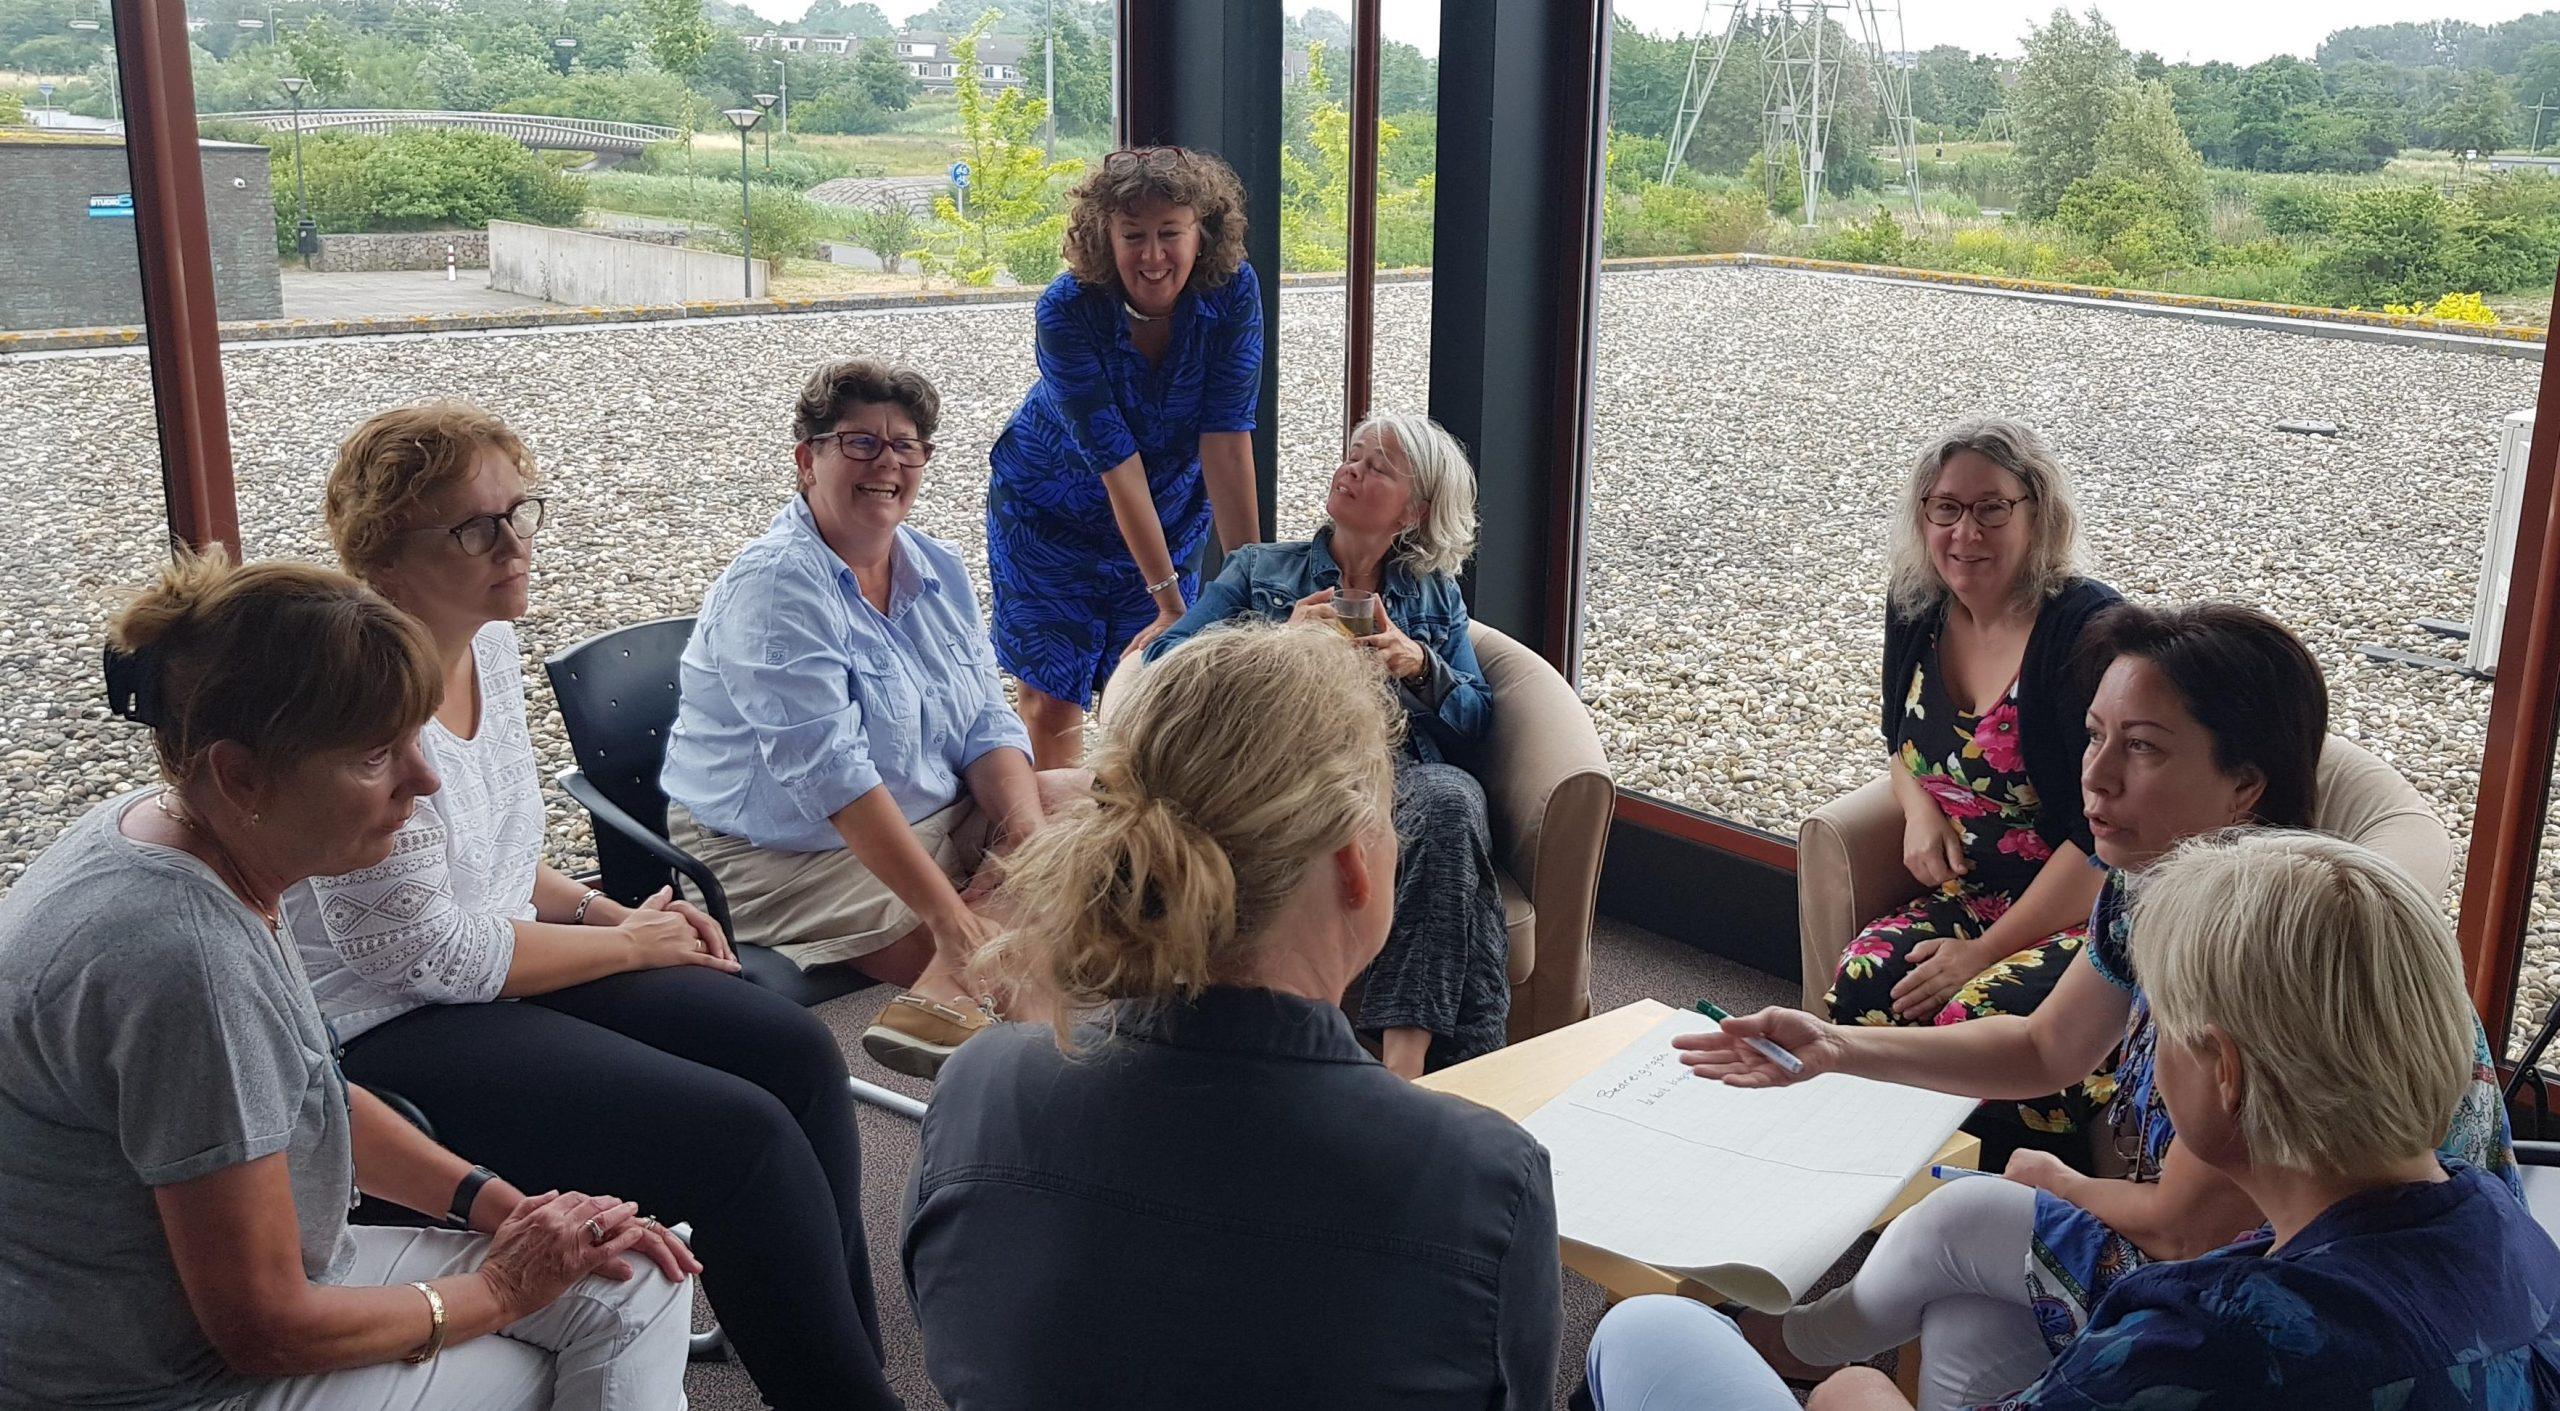 Regiobijeenkomst Hoofddorp